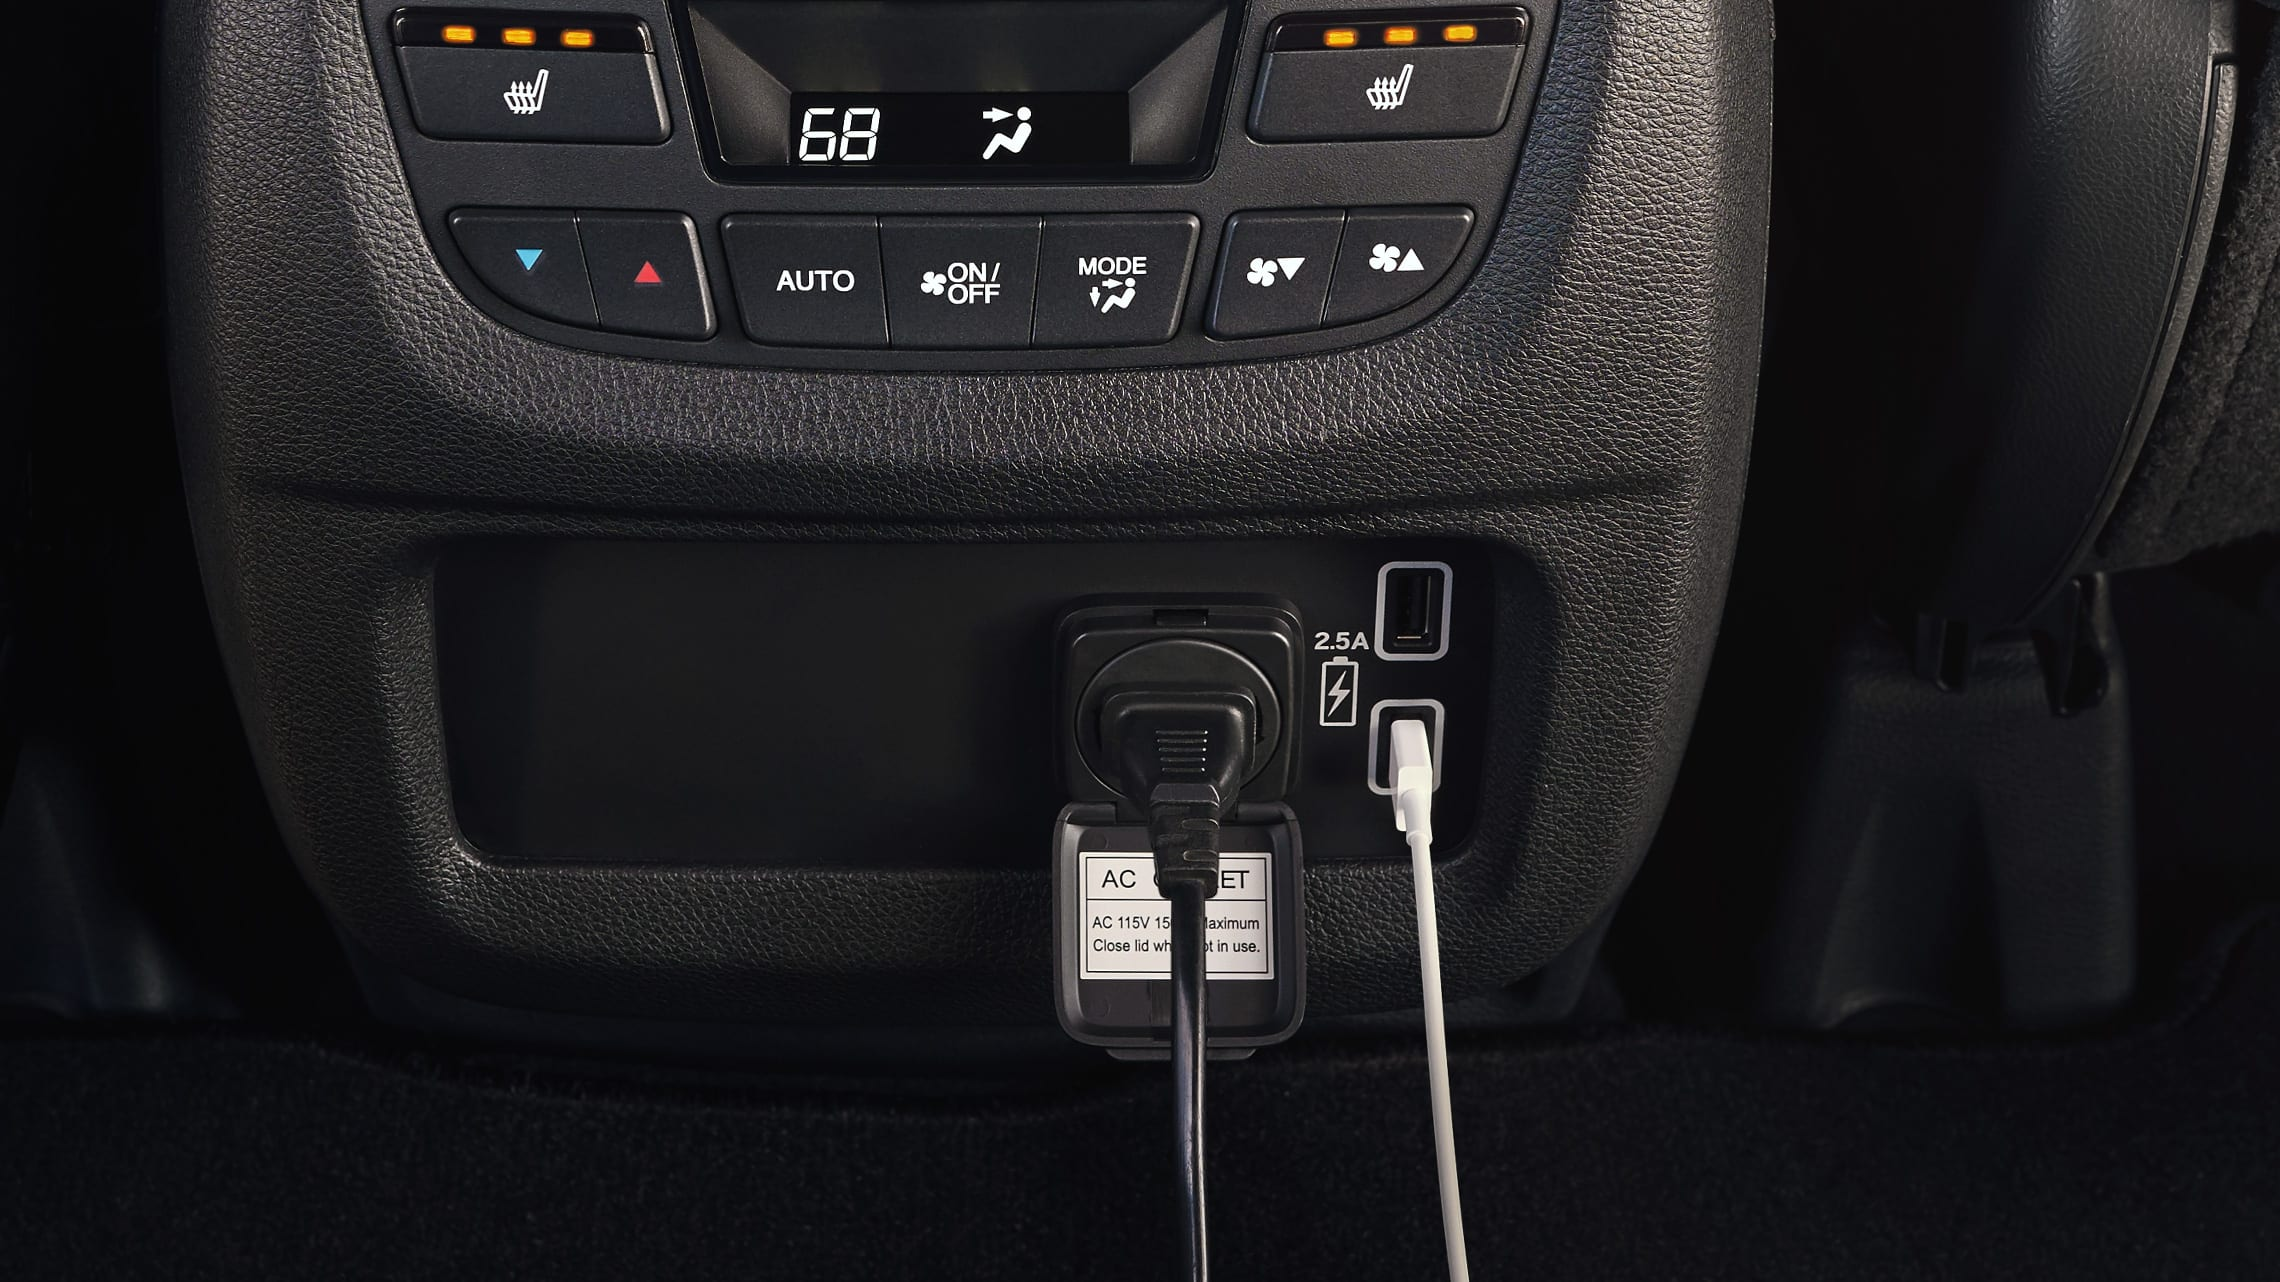 Vista del interior del detalle de potencia máxima de 180vatios/120voltios de CA en la Honda Passport2019.